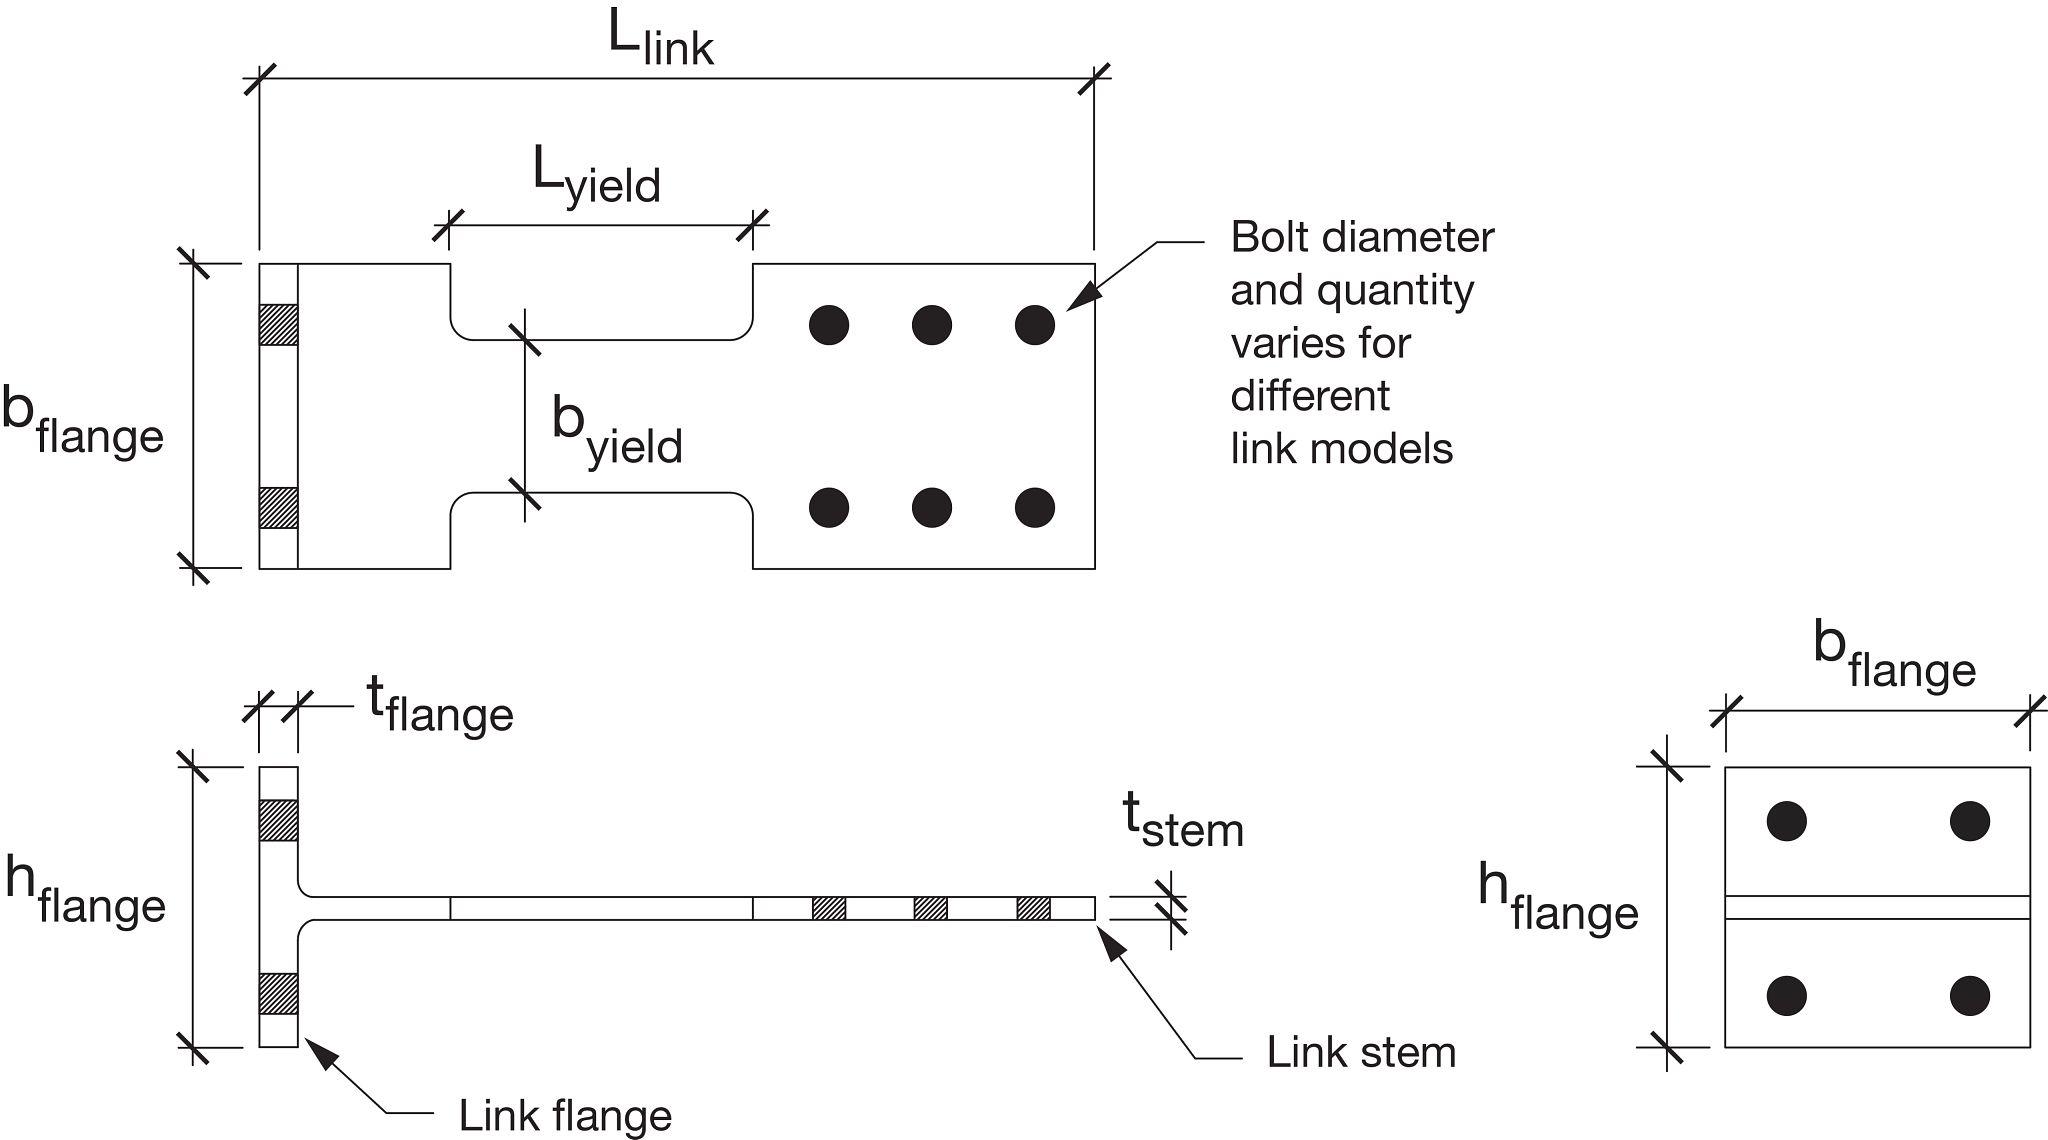 Yield-Link Geometry